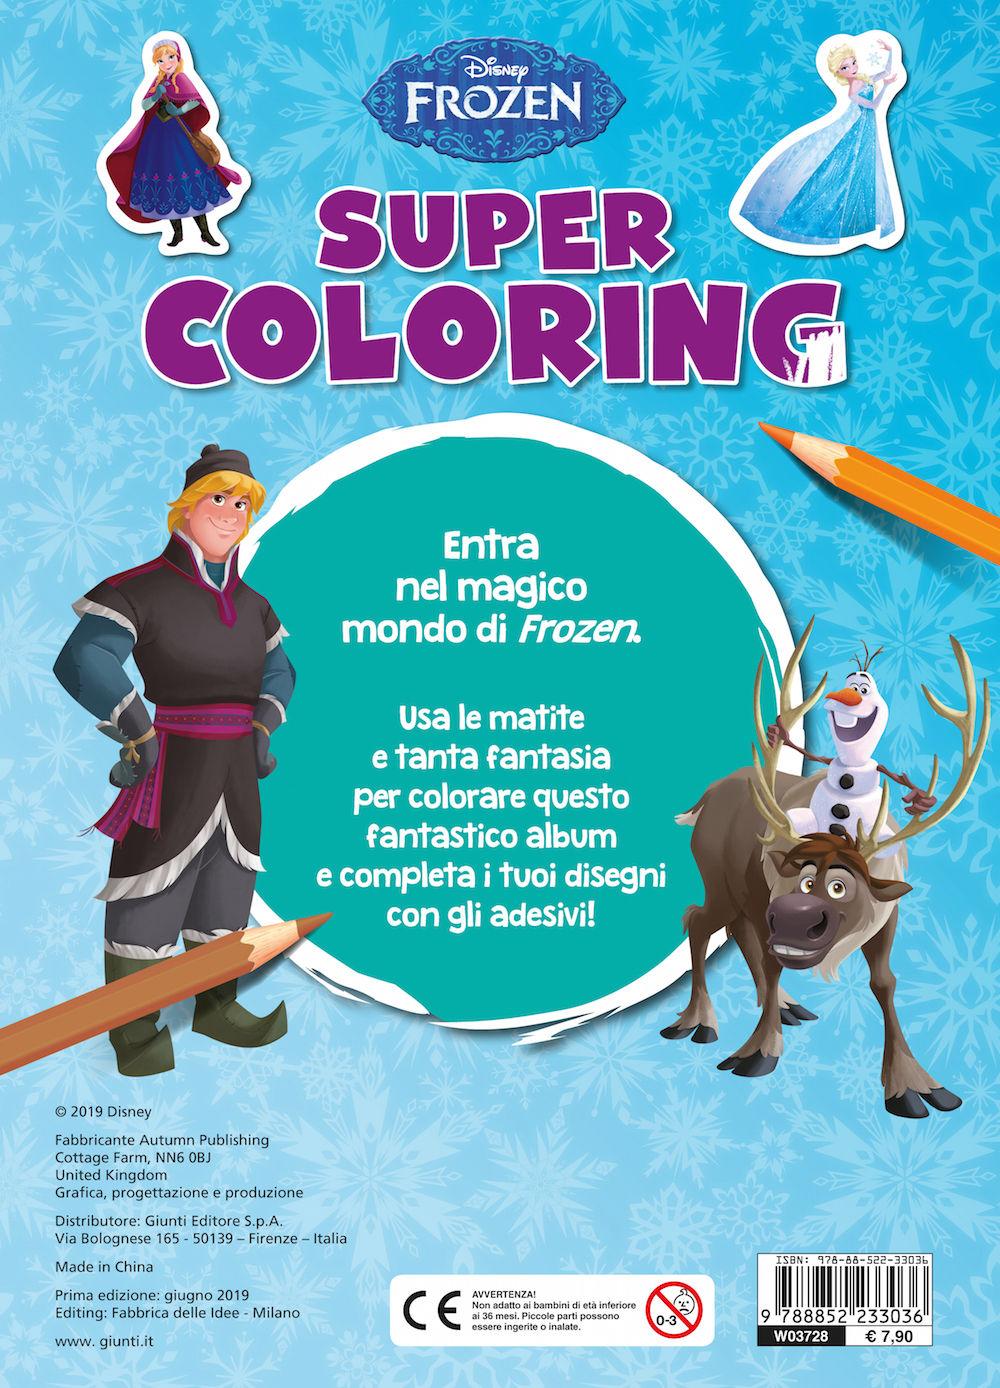 Super Coloring Frozen